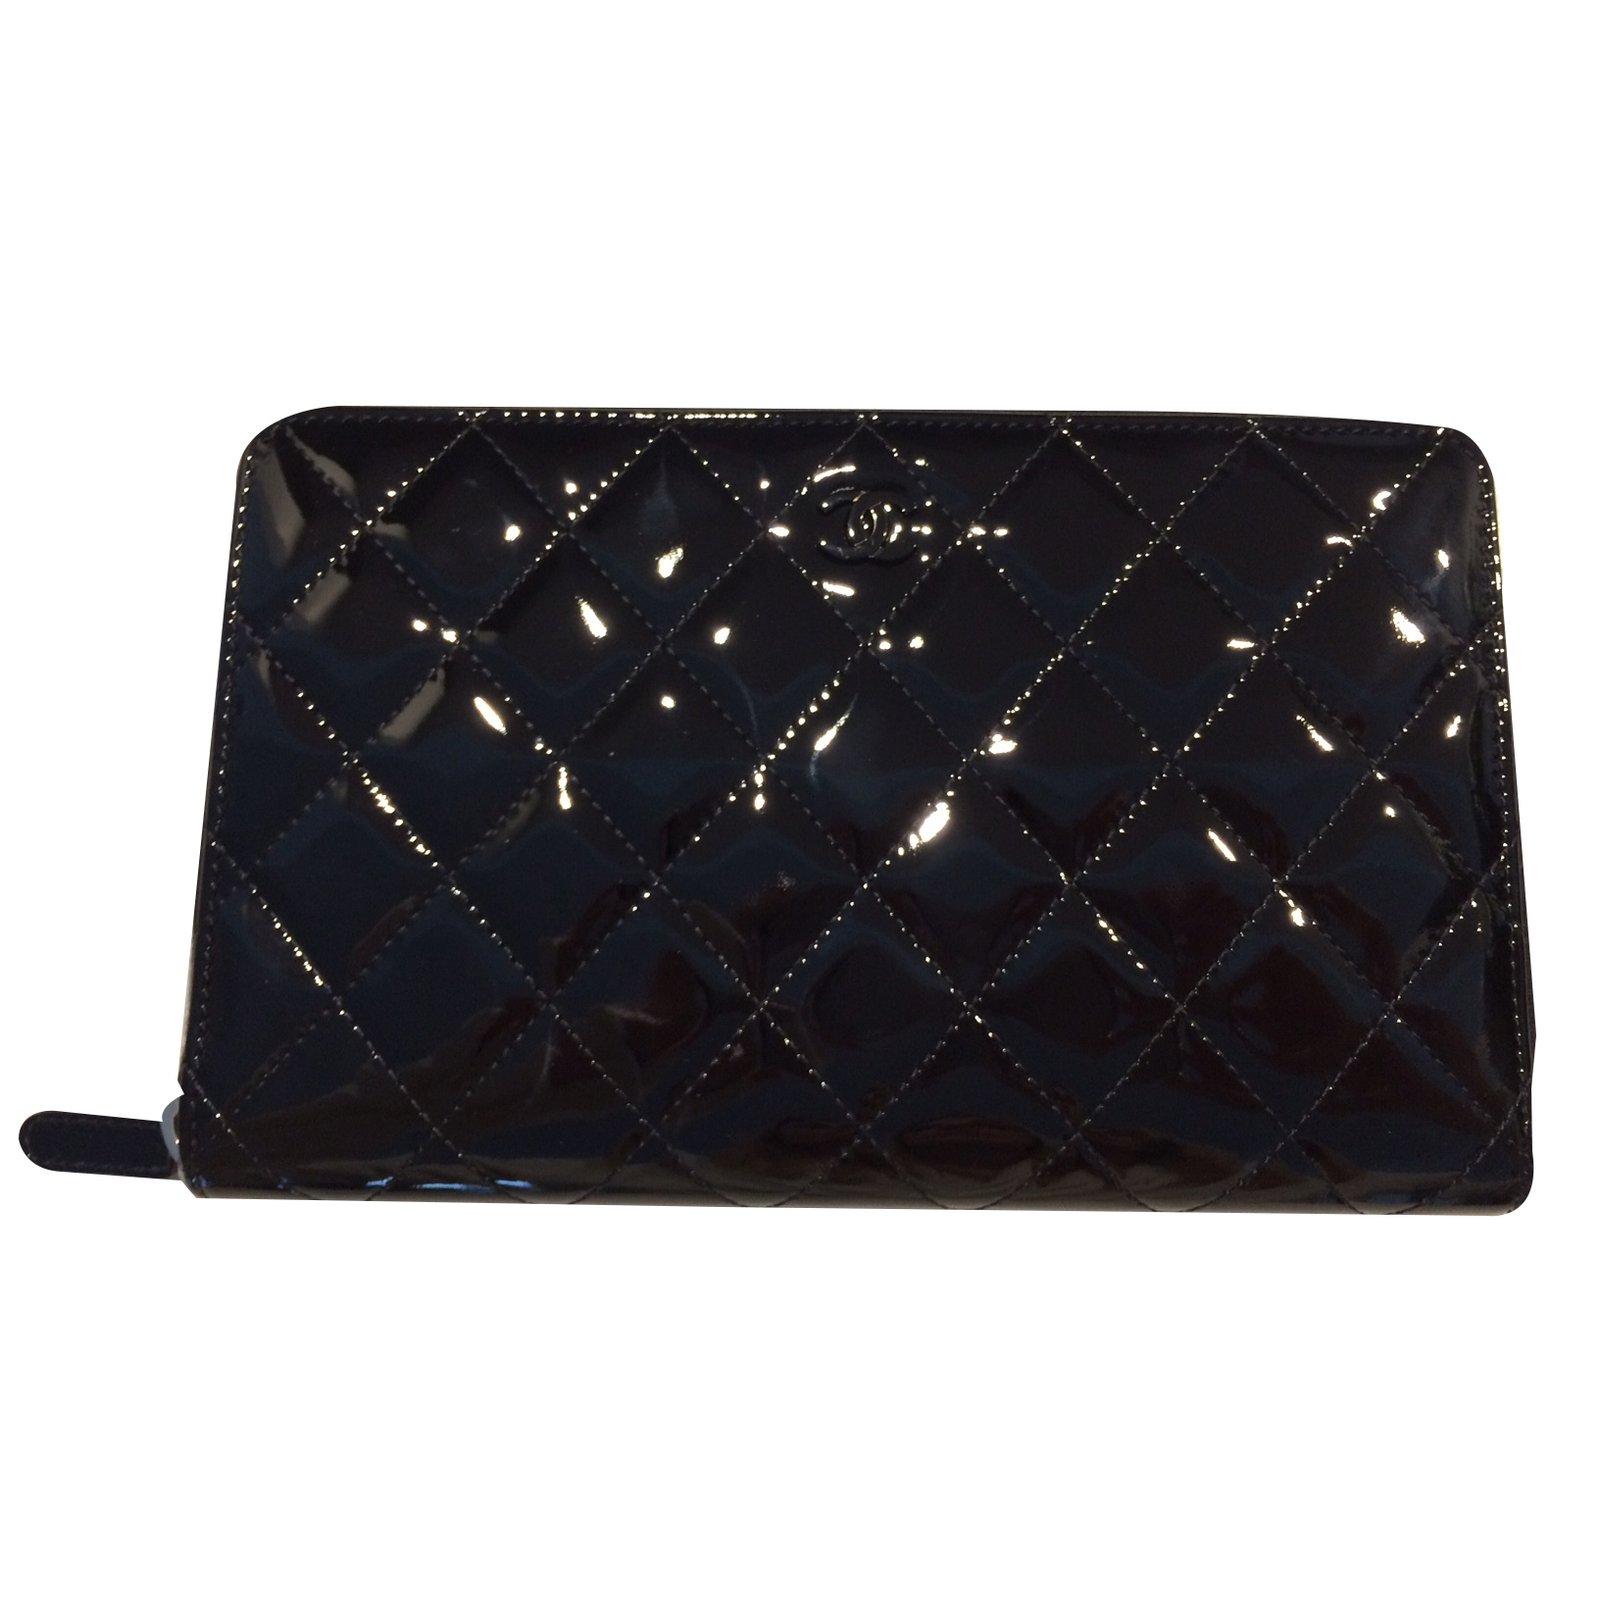 Portefeuilles Chanel PORTEFEUILLE   COMPAGNON CHANEL (Timeless) Cuir vernis  Noir ref.36867 - Joli Closet b556831de7e